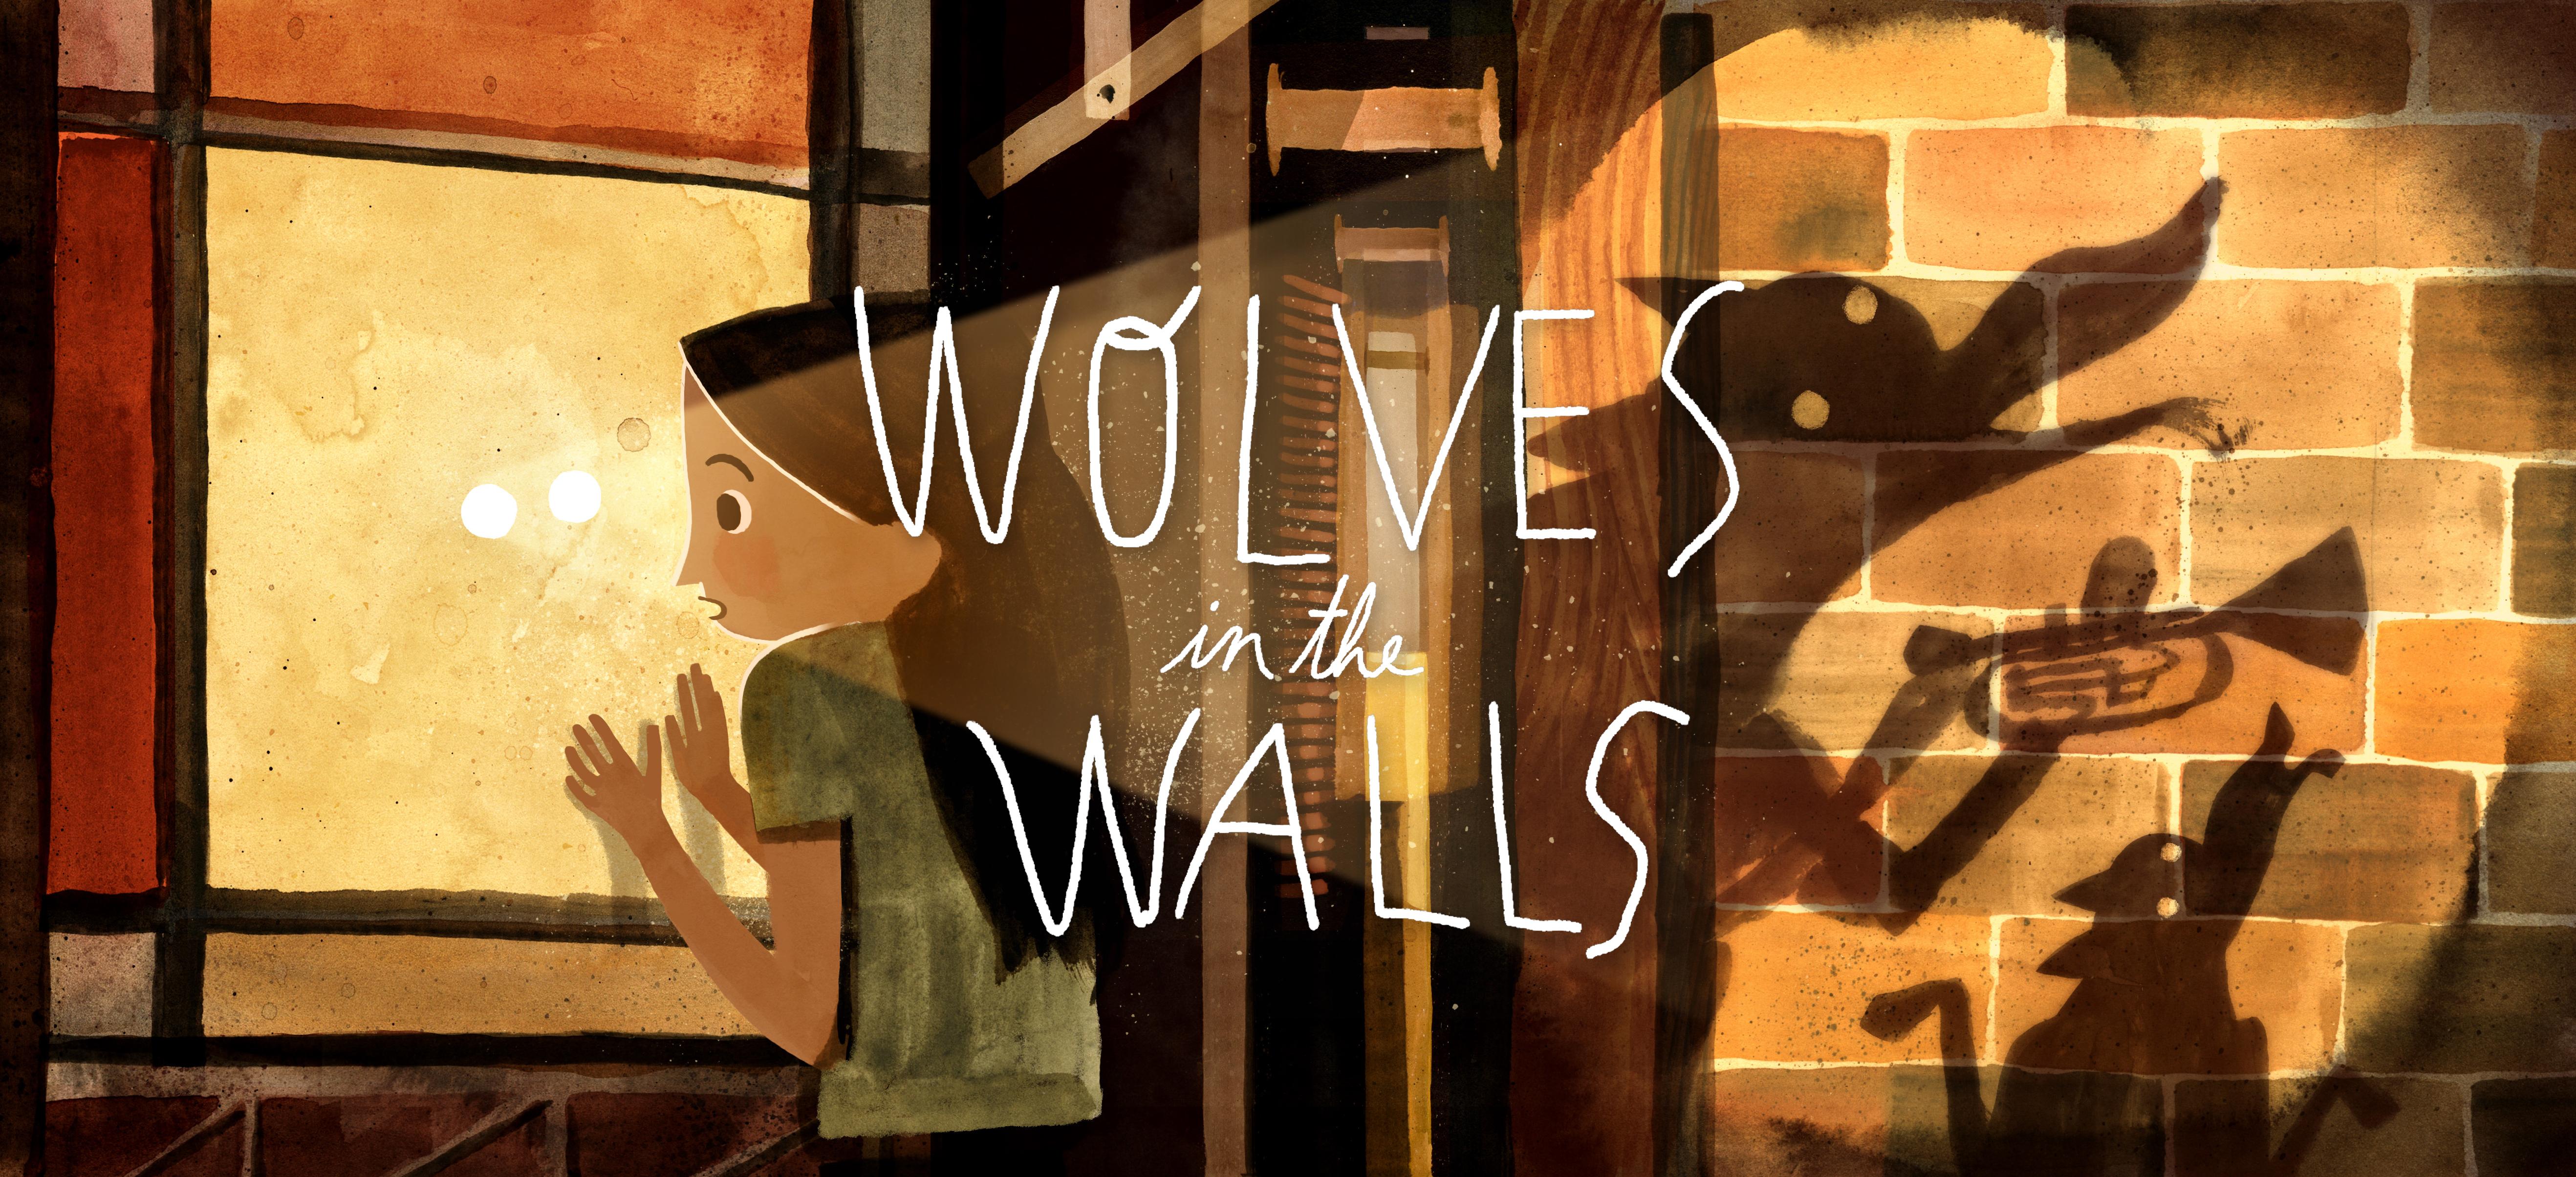 walls_01-copy